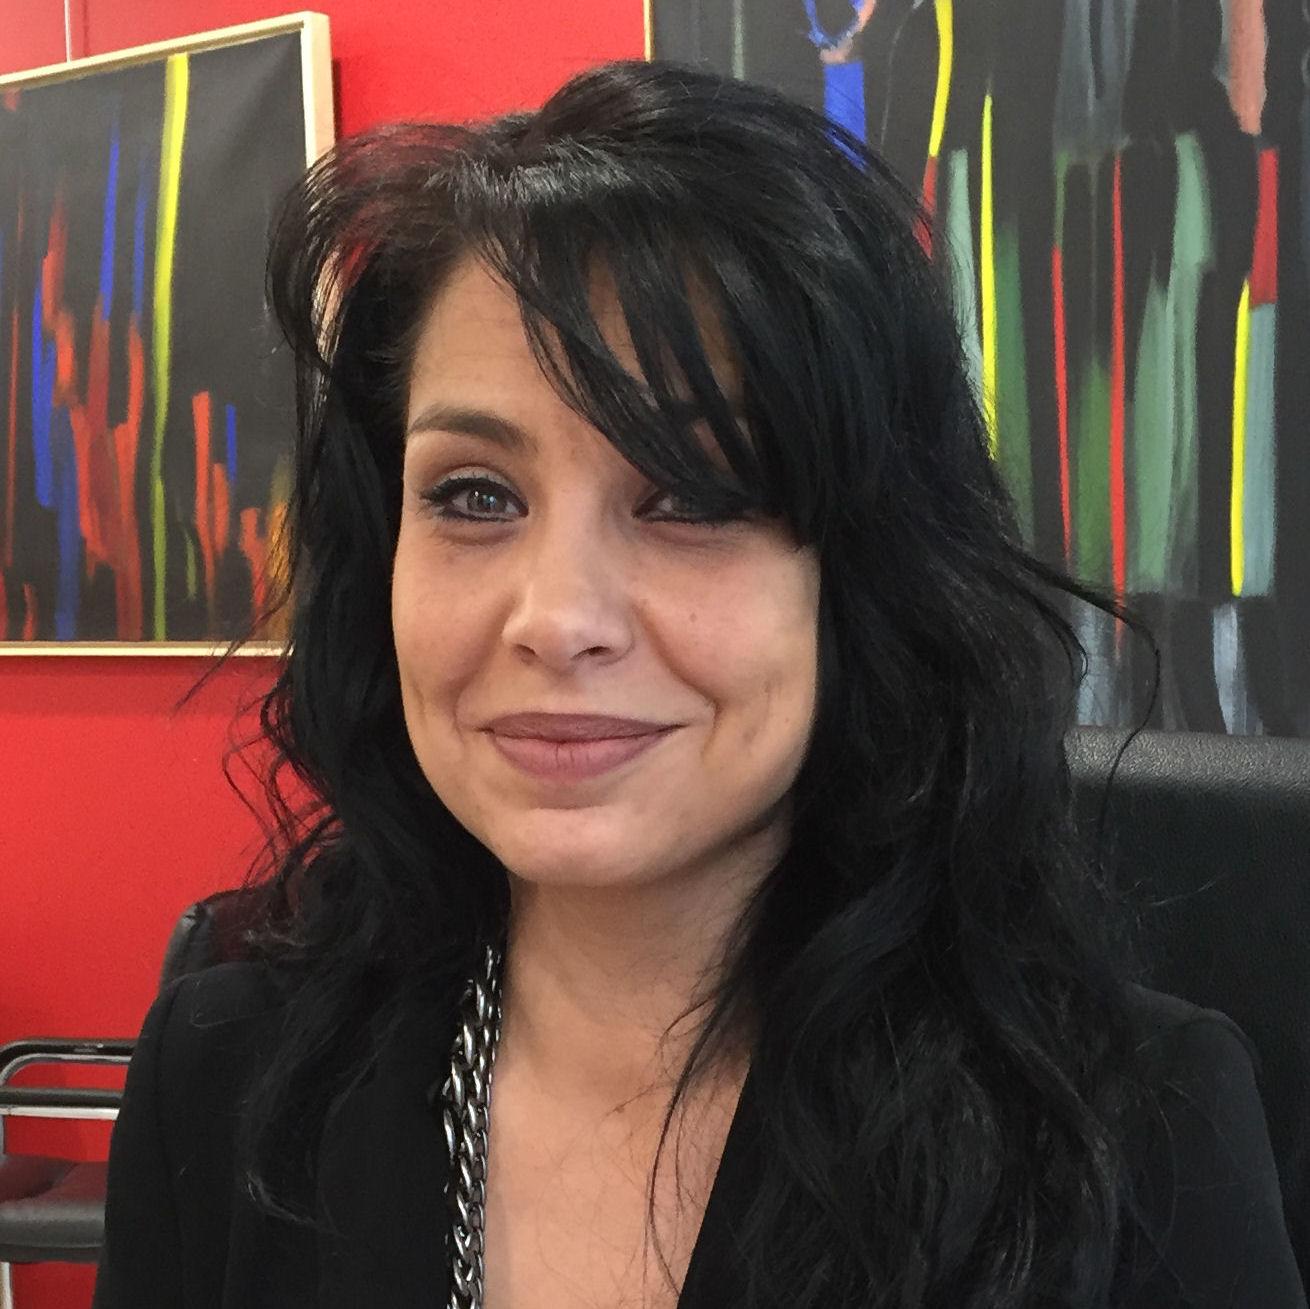 Audrey de l'équipe des audioprothésistes du centre auditif Minitone à Nîmes dans le Gard.